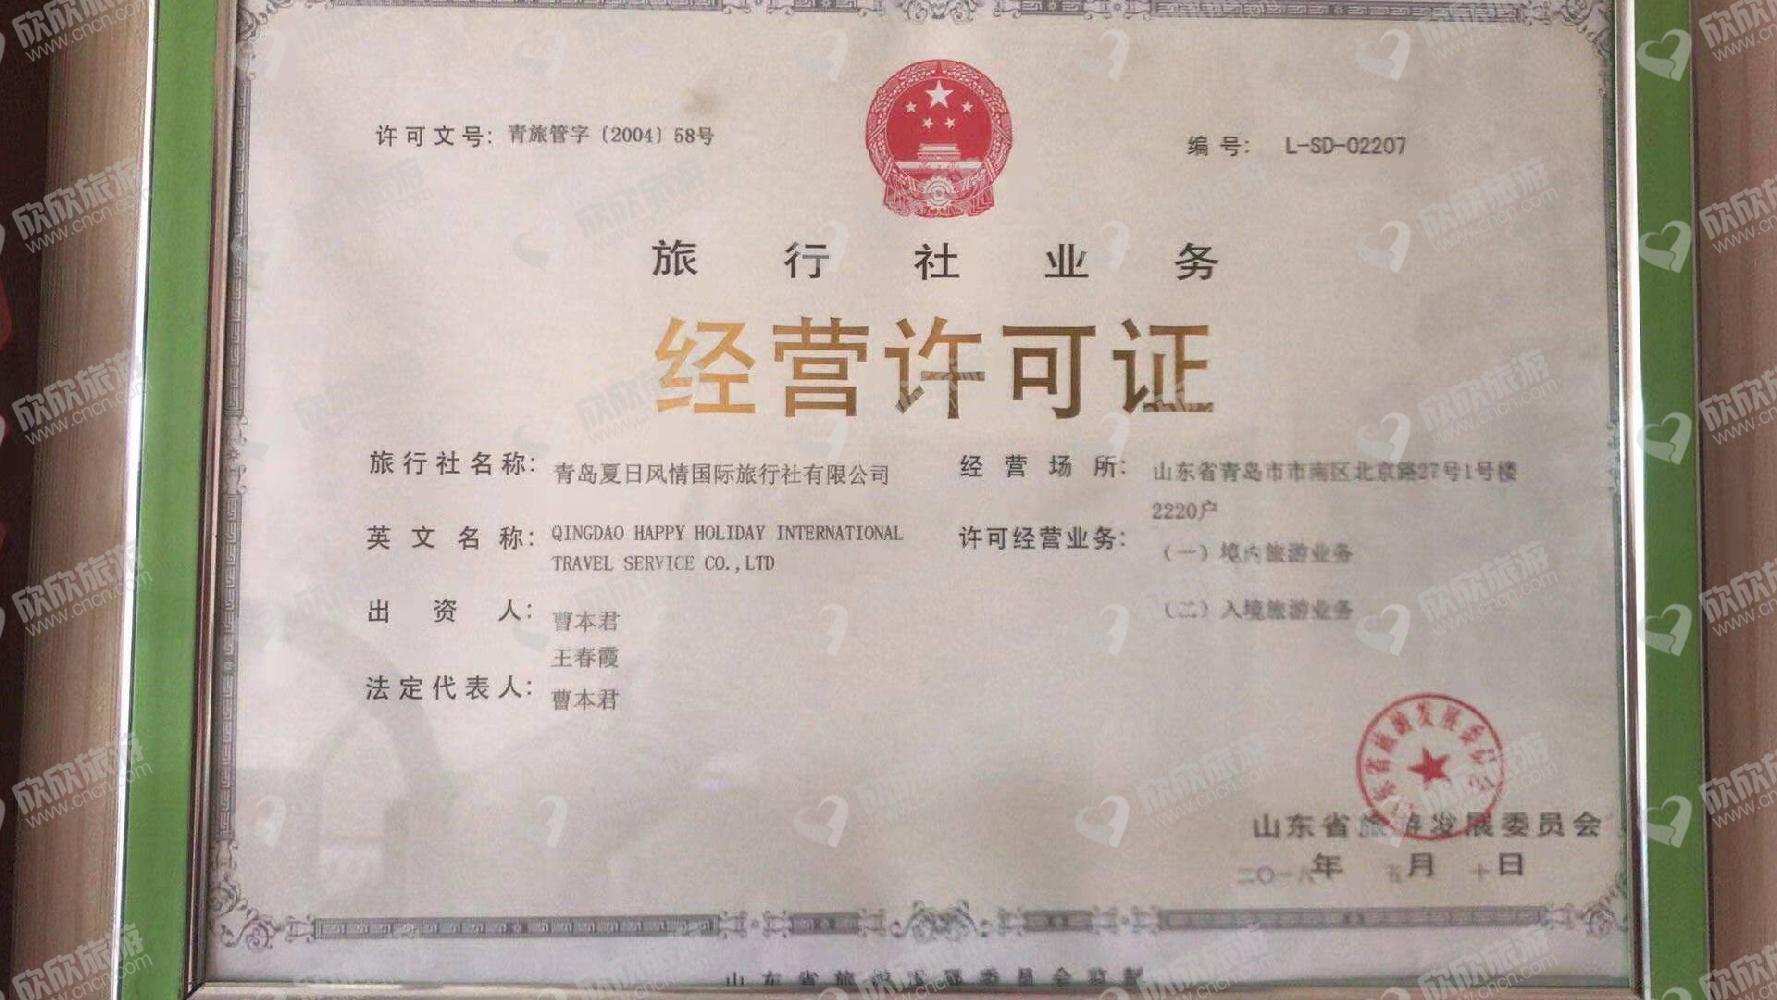 青岛锦江假日国际旅行社有限公司经营许可证